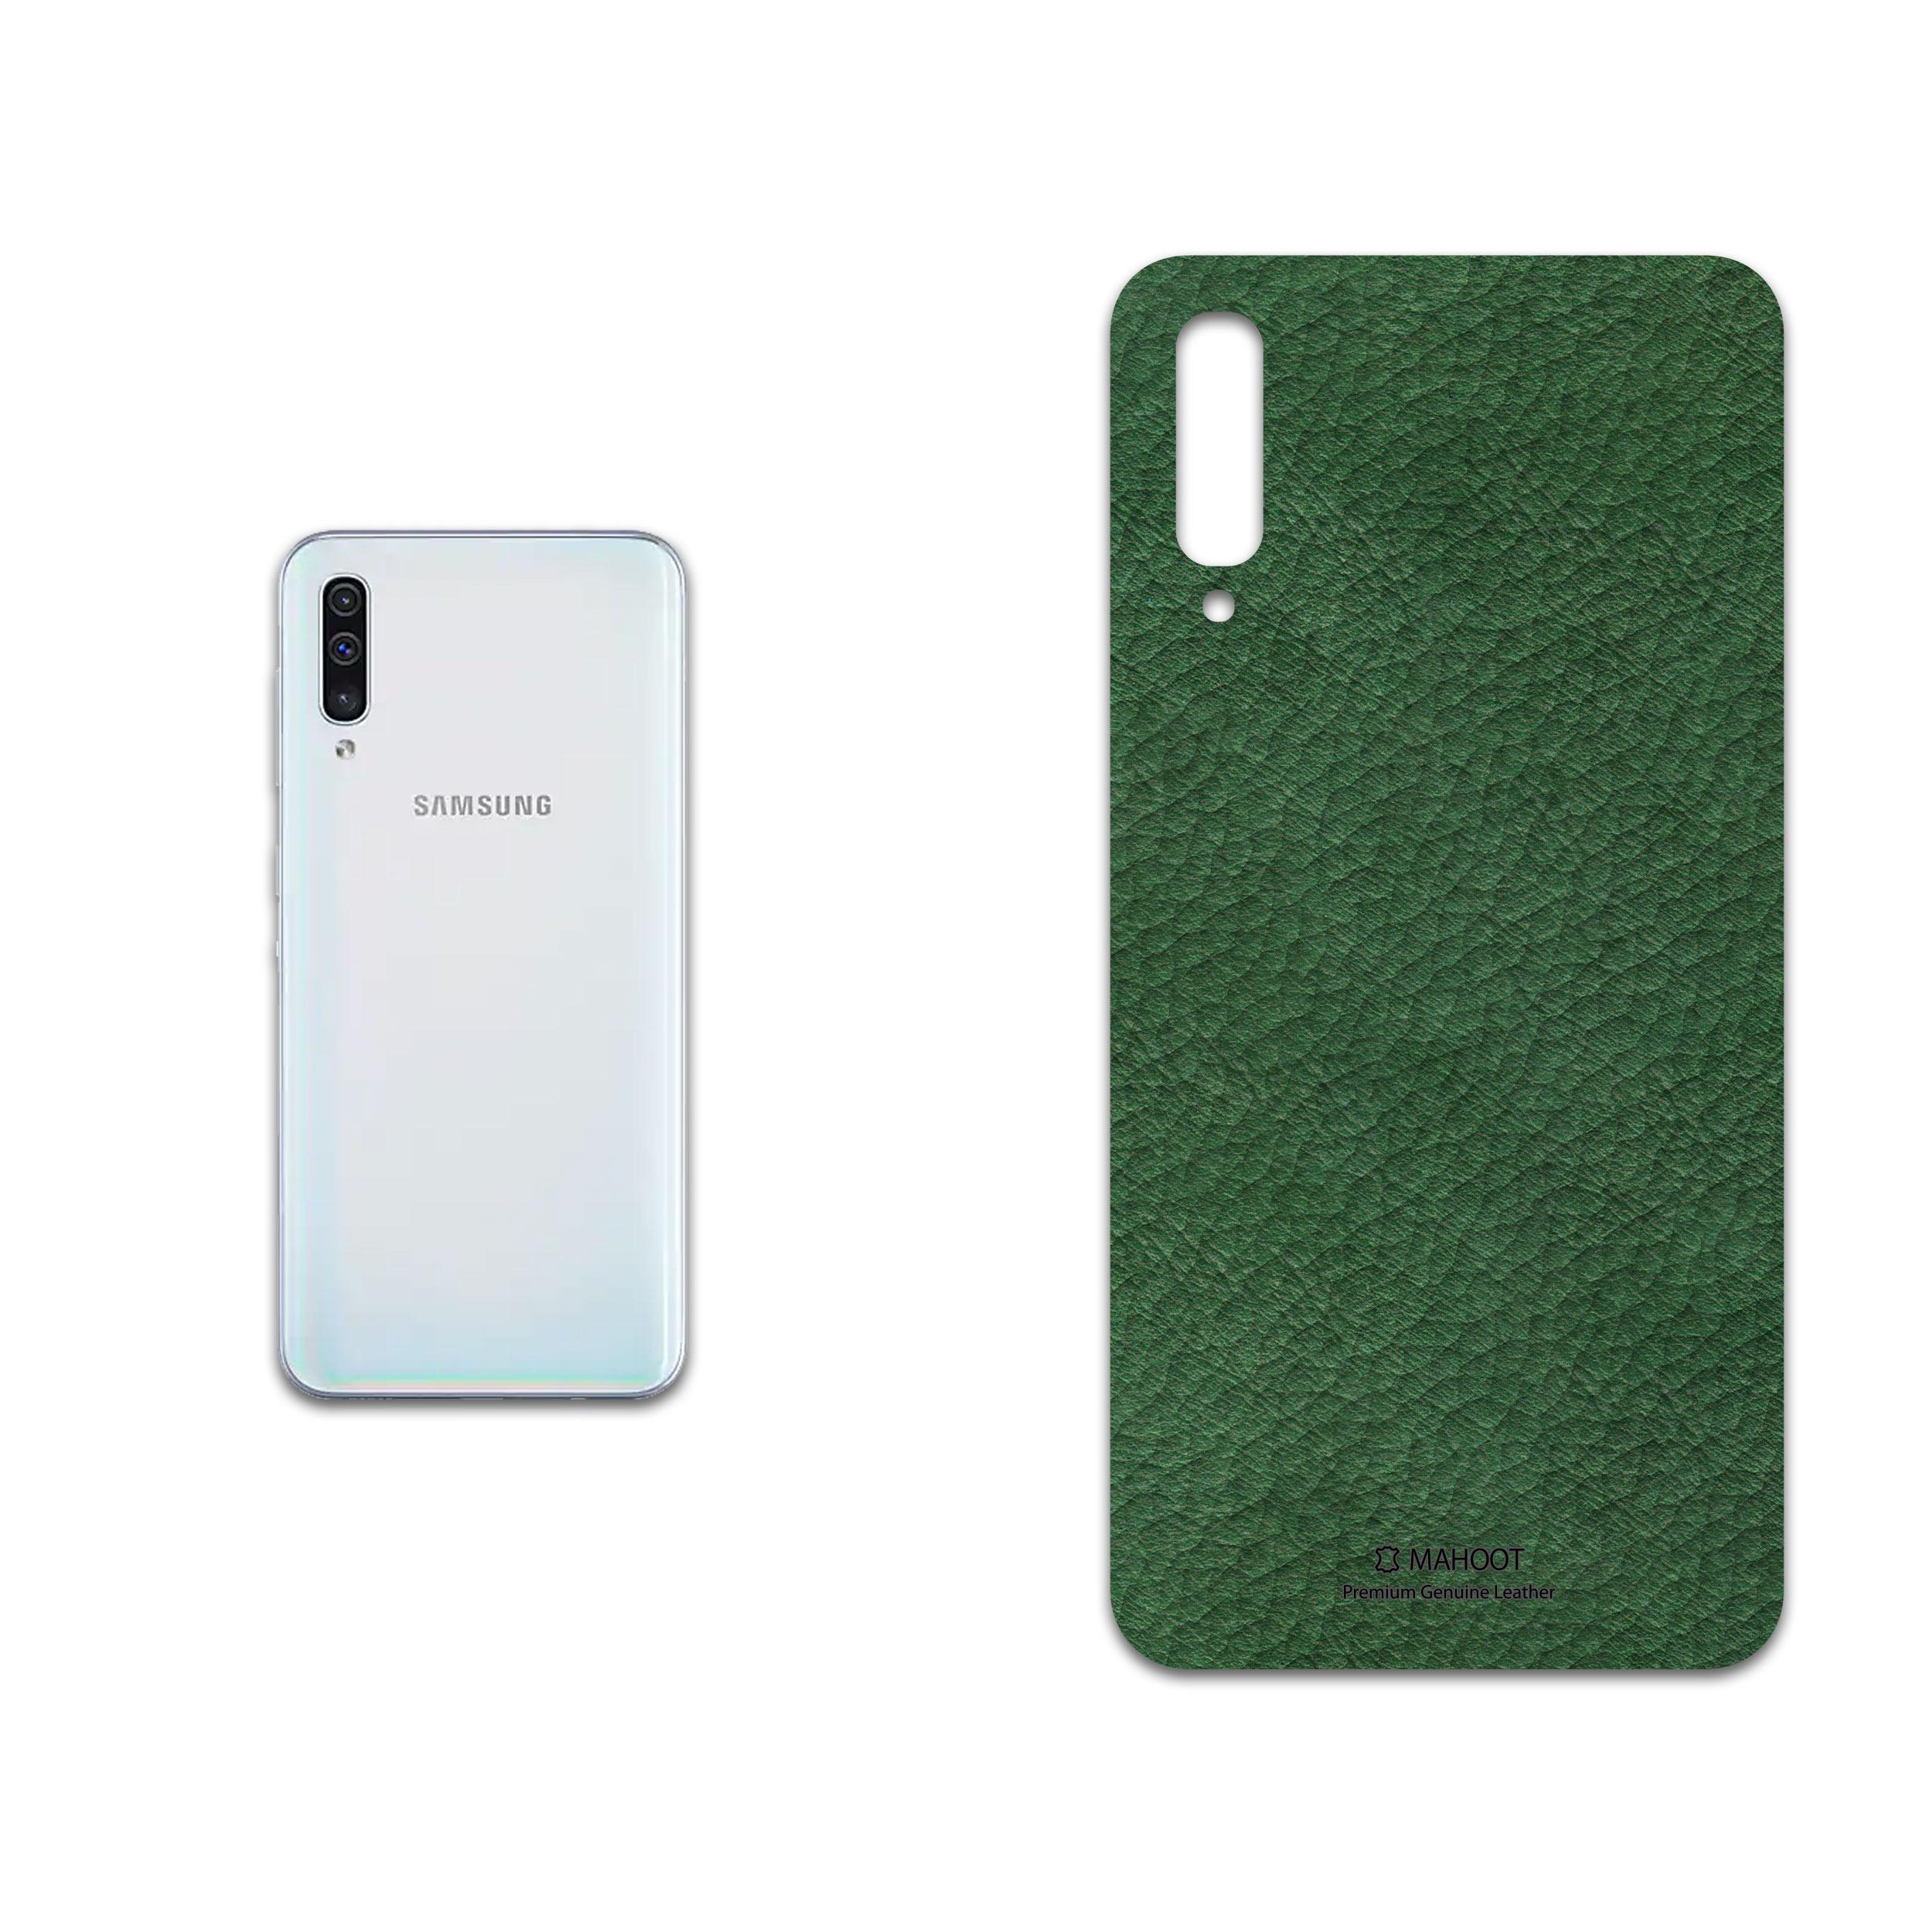 برچسب پوششی ماهوت مدل Green-Leather مناسب برای گوشی موبایل سامسونگ Galaxy A50